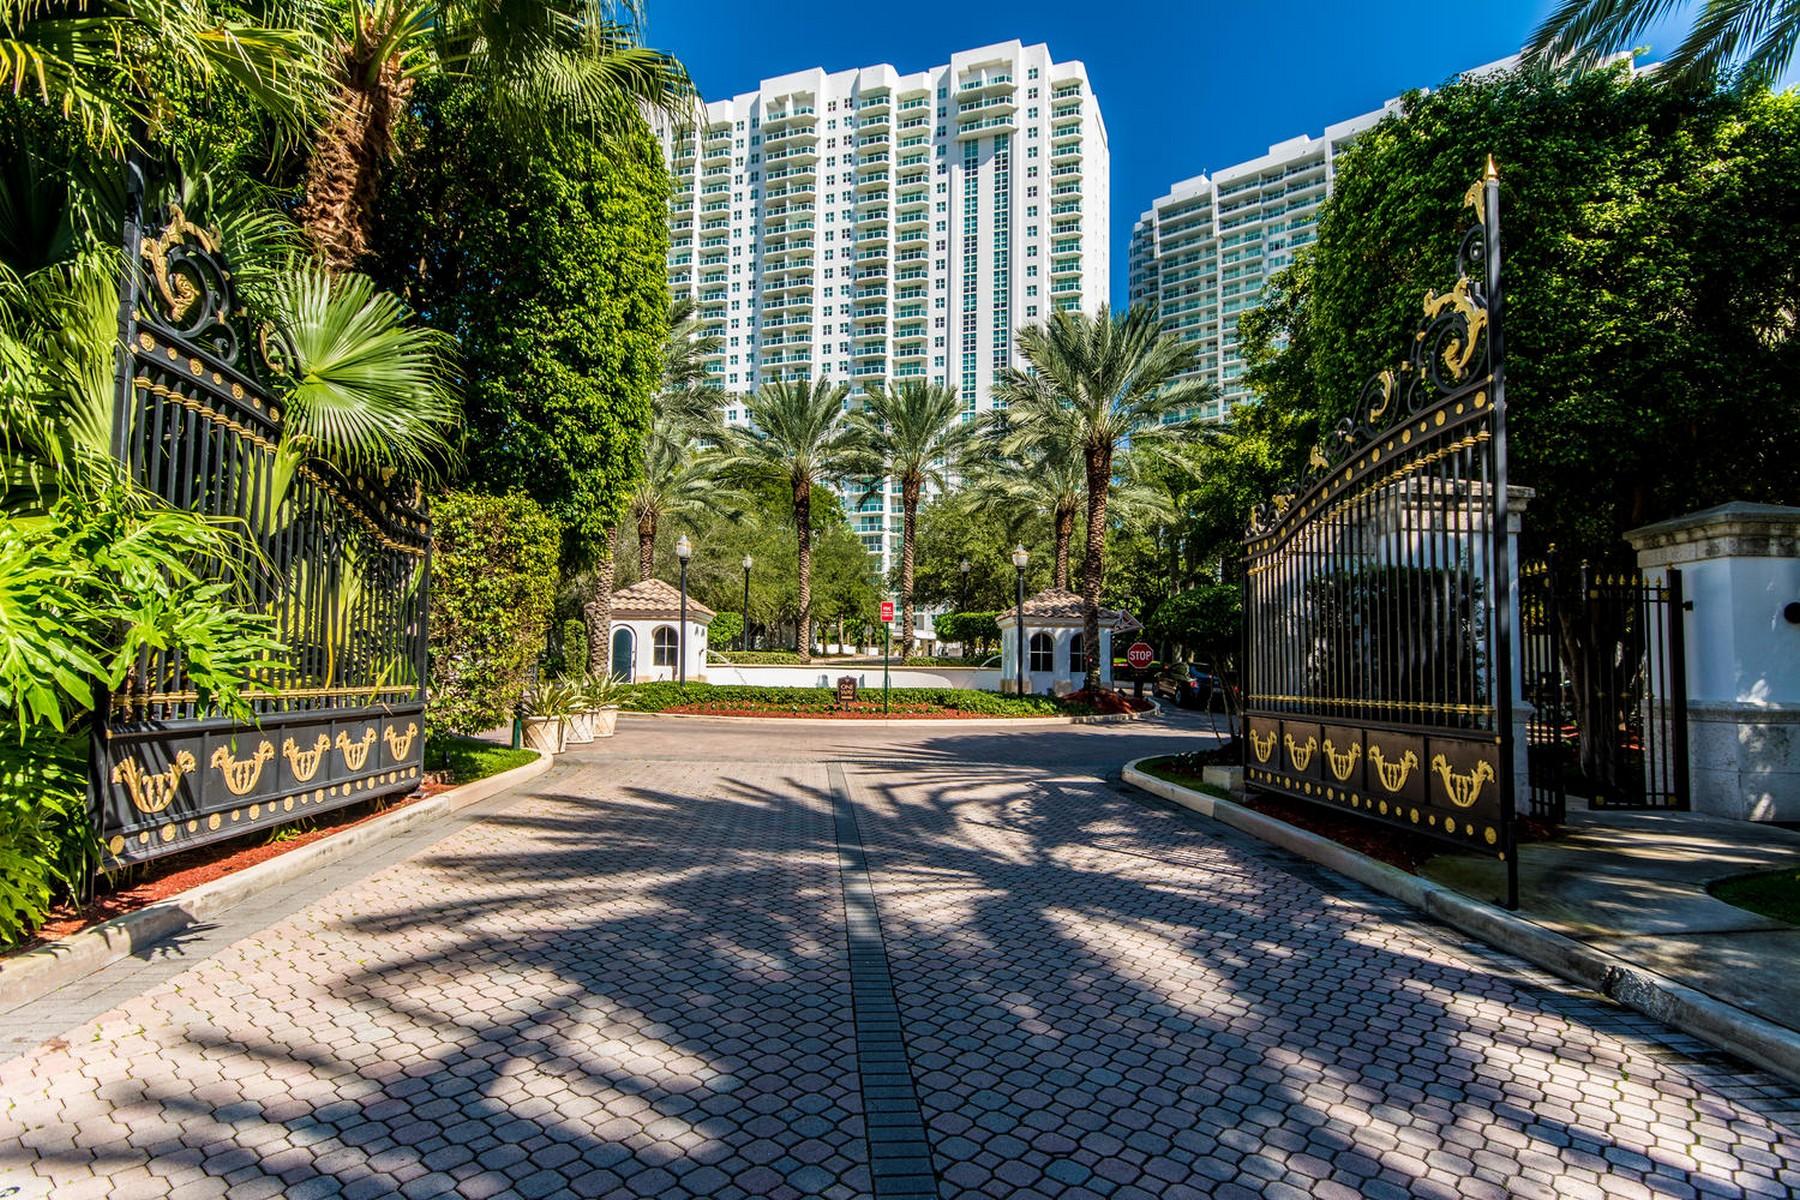 Einfamilienhaus für Verkauf beim 3201 NE 183 St 3201 NE 183 St #1803 Aventura, Florida 33160 Vereinigte Staaten